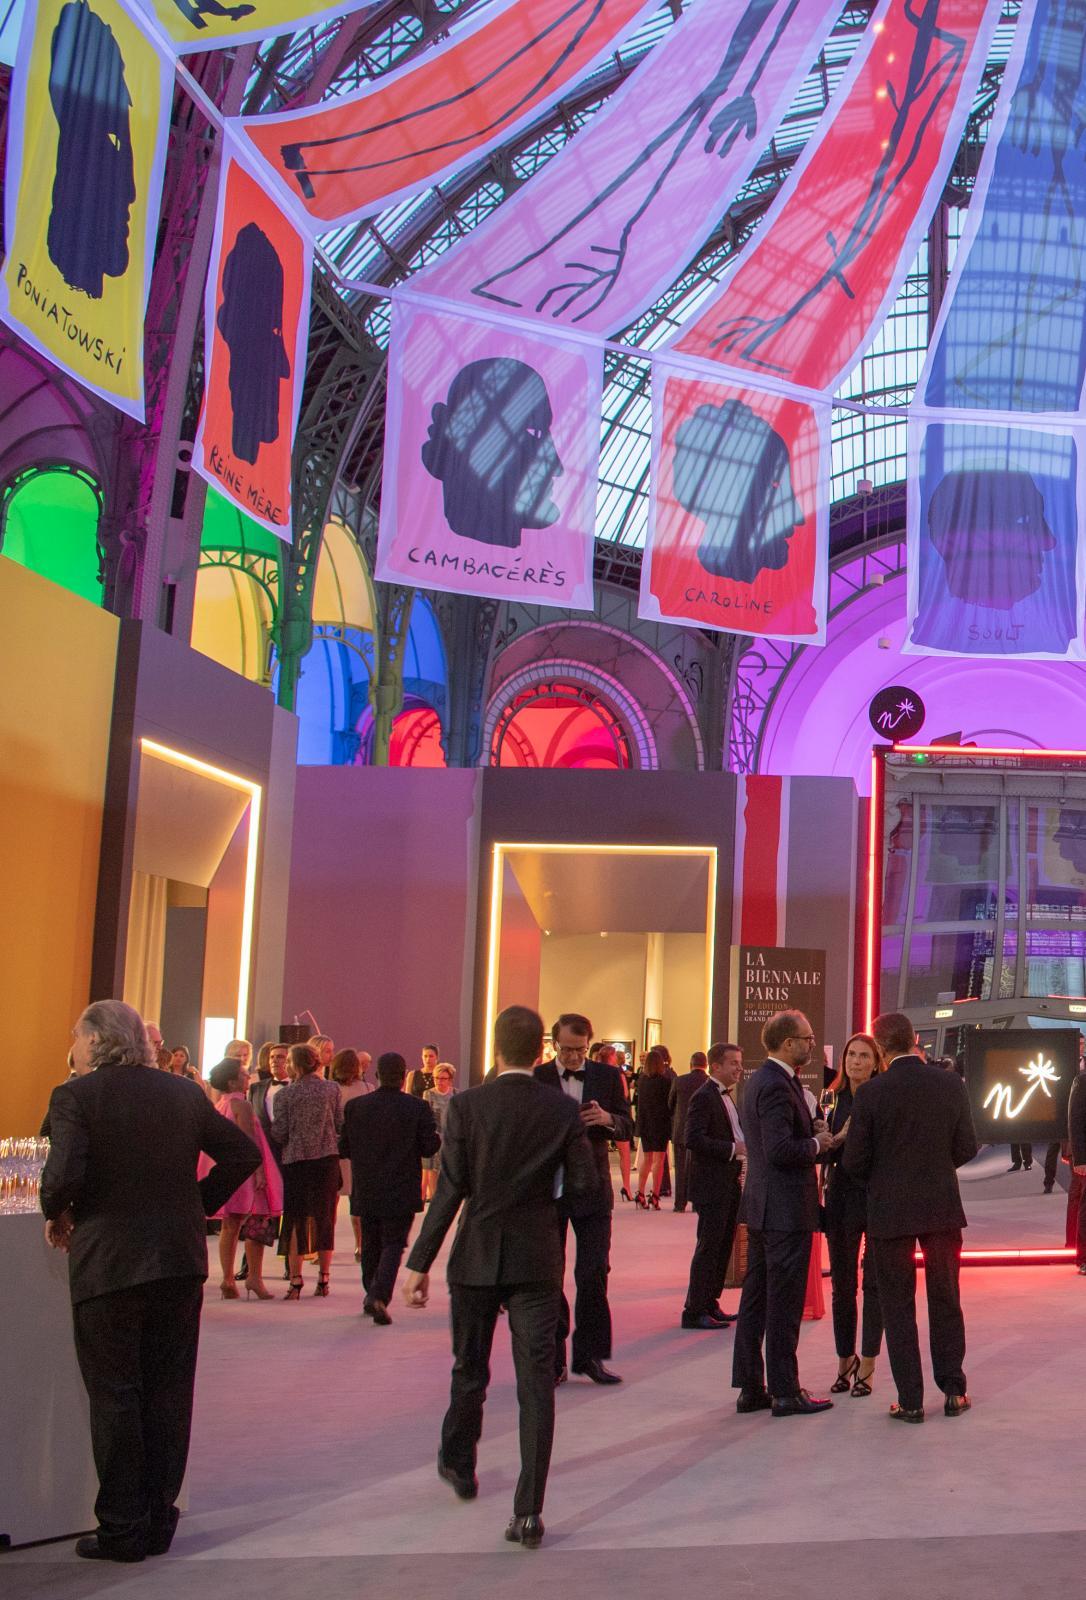 L'année dernière, quelques instants avant le dîner inaugural de la Biennale Paris.